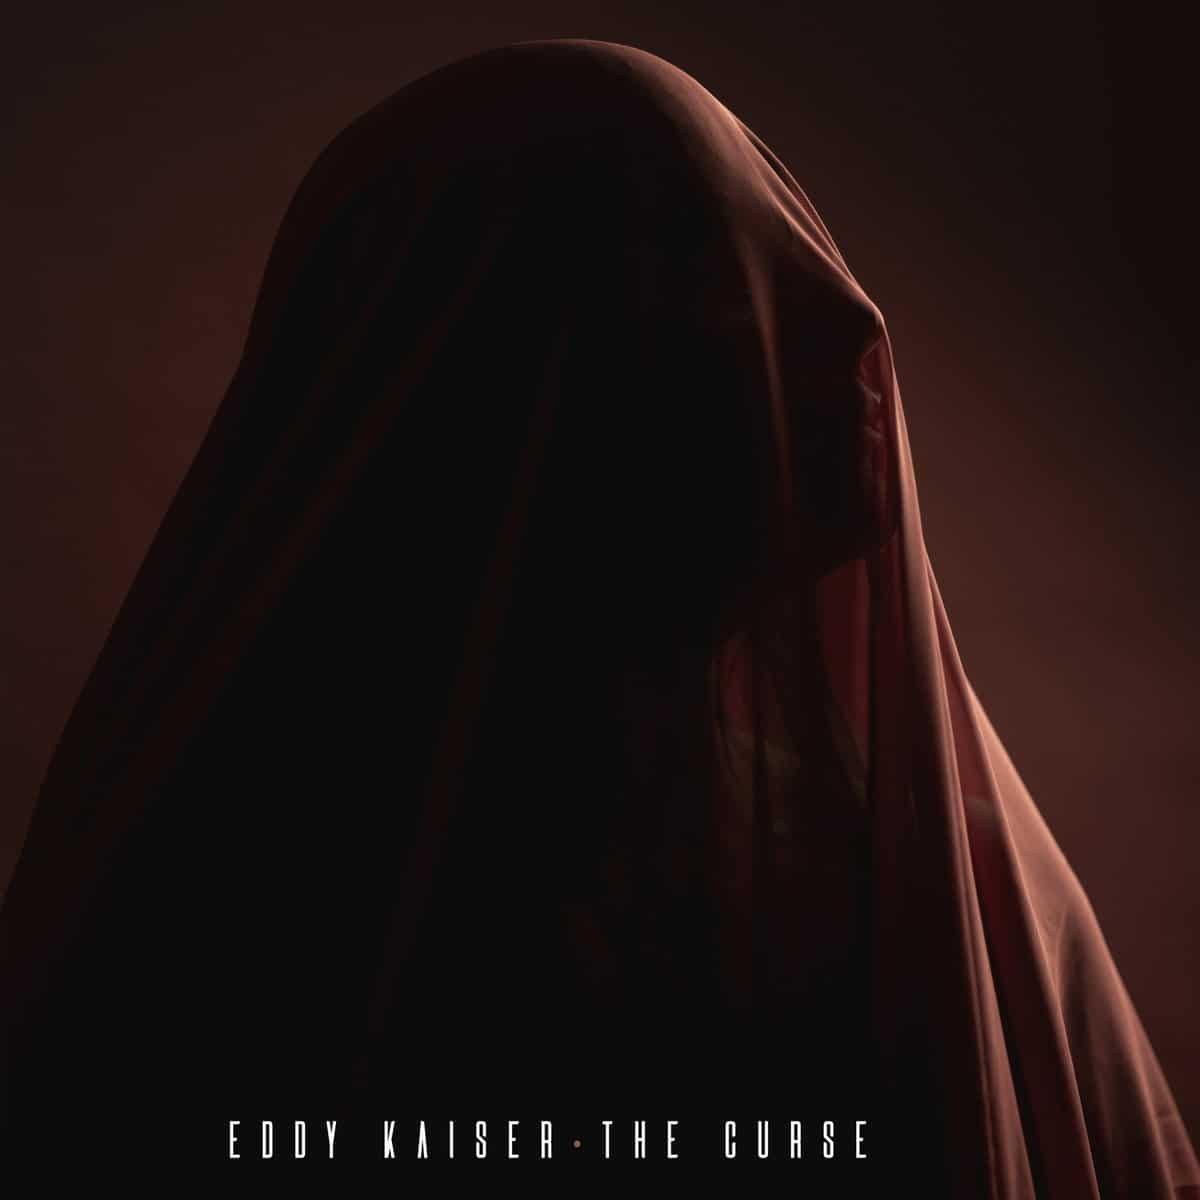 Eddy Kaiser The Curse